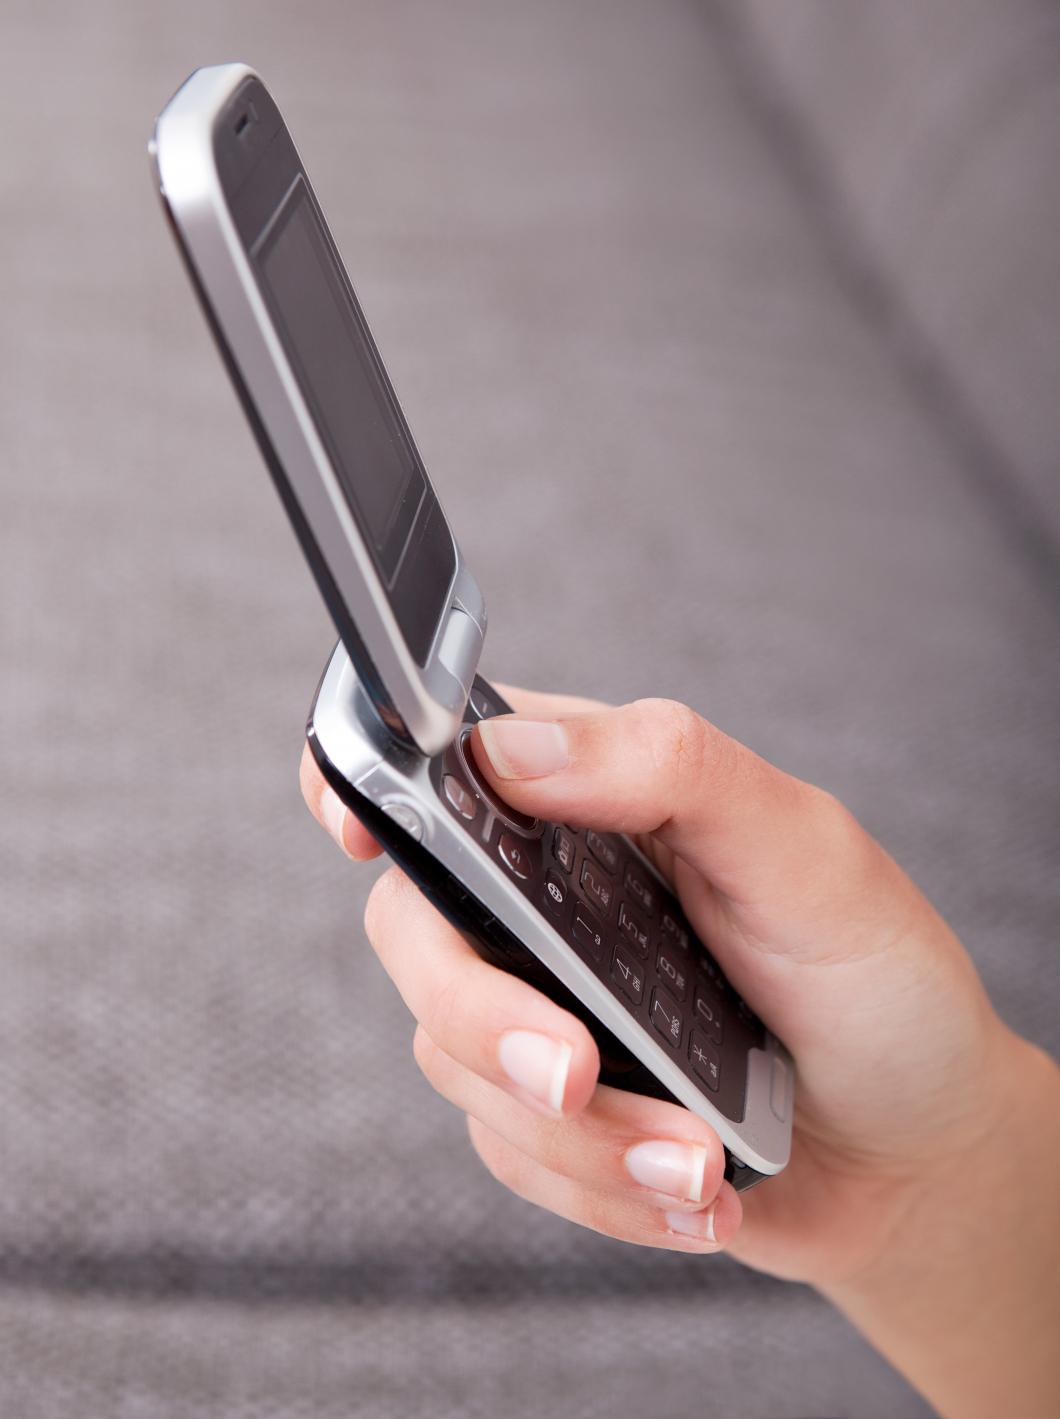 SKL kritiserar att mobiler tillåts på rättspsyk